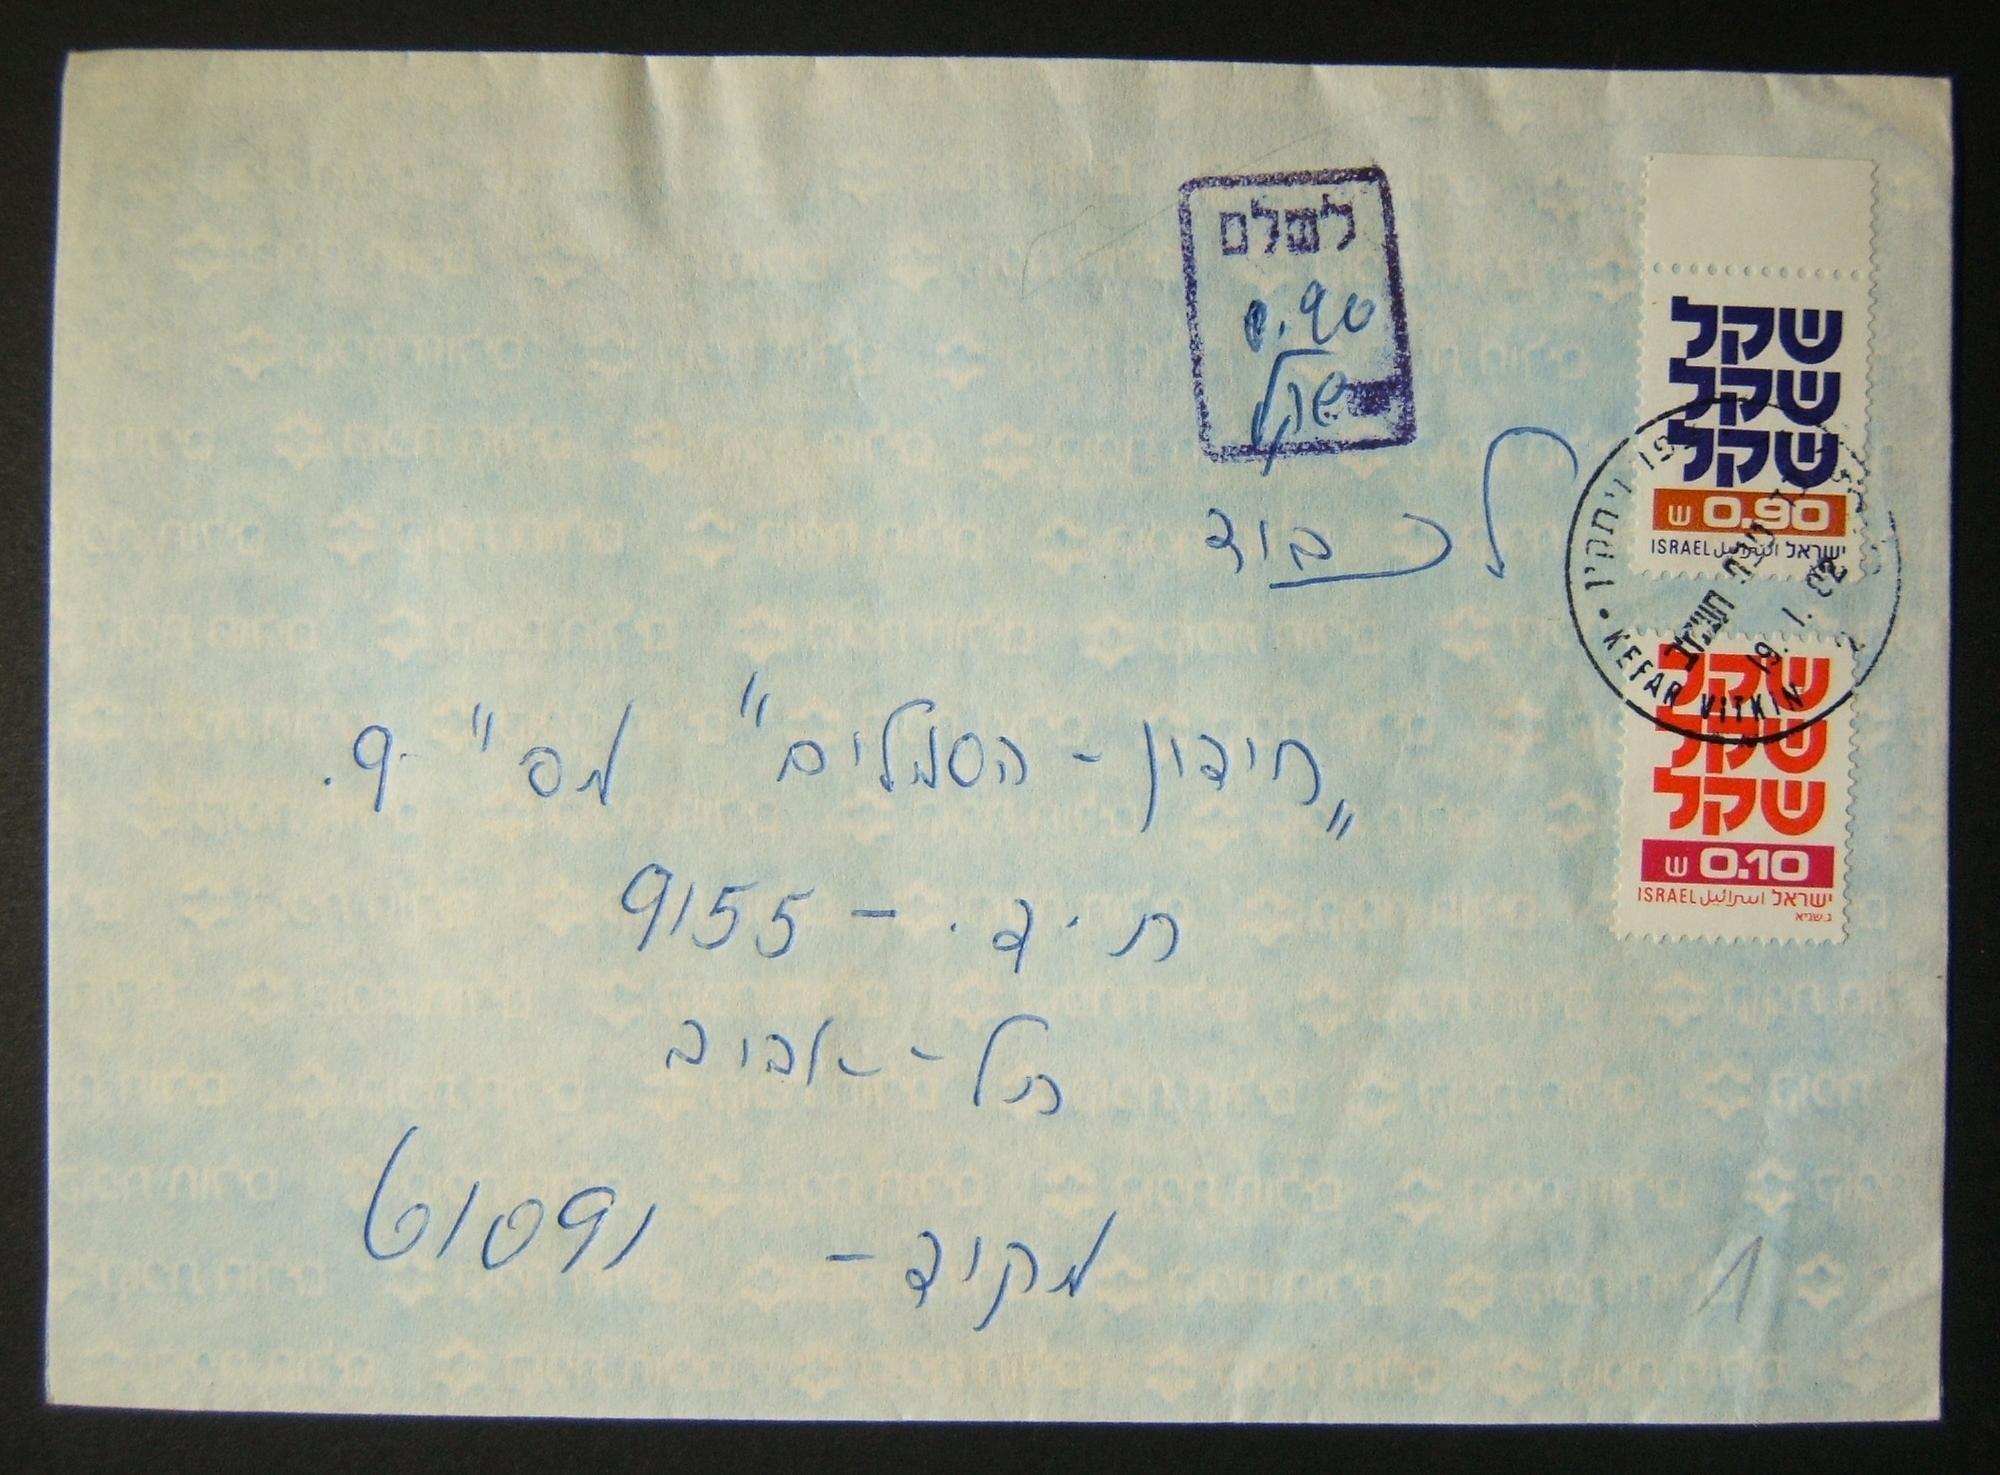 1982: الضرائب المحلية: 19-1-1982 تغطية KEFAR VITKIN السابق لرمز مسابقة مسابقة في تل أبيب ، 1،200Shh بدلا من 1.45Sh. ملحوظ لضريبة ضعف العجز باستخدام بو